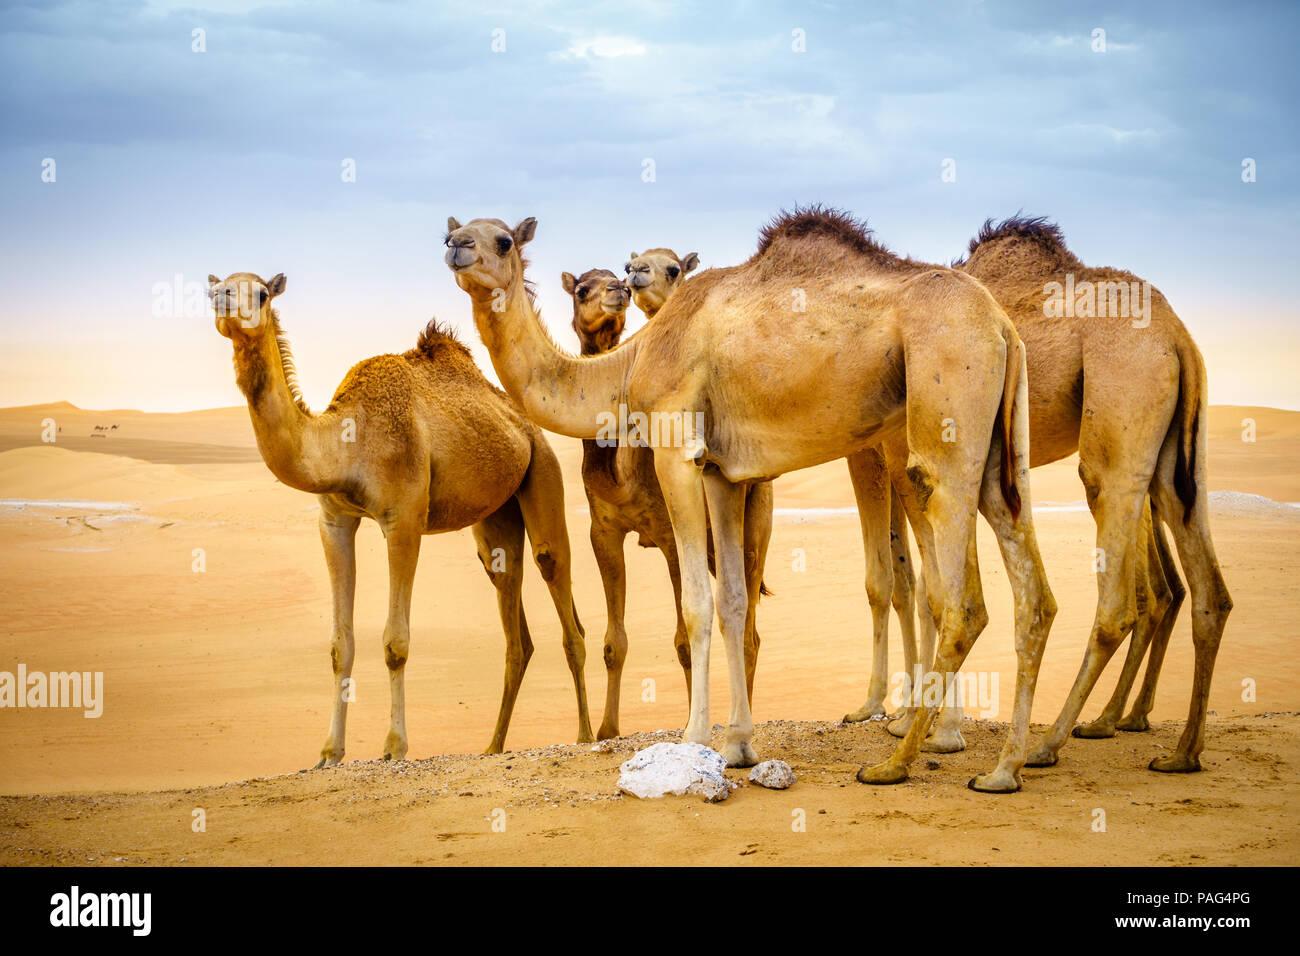 Eine Herde von wilde Kamele in der Wüste in der Nähe von Al Ain, VAE Stockbild